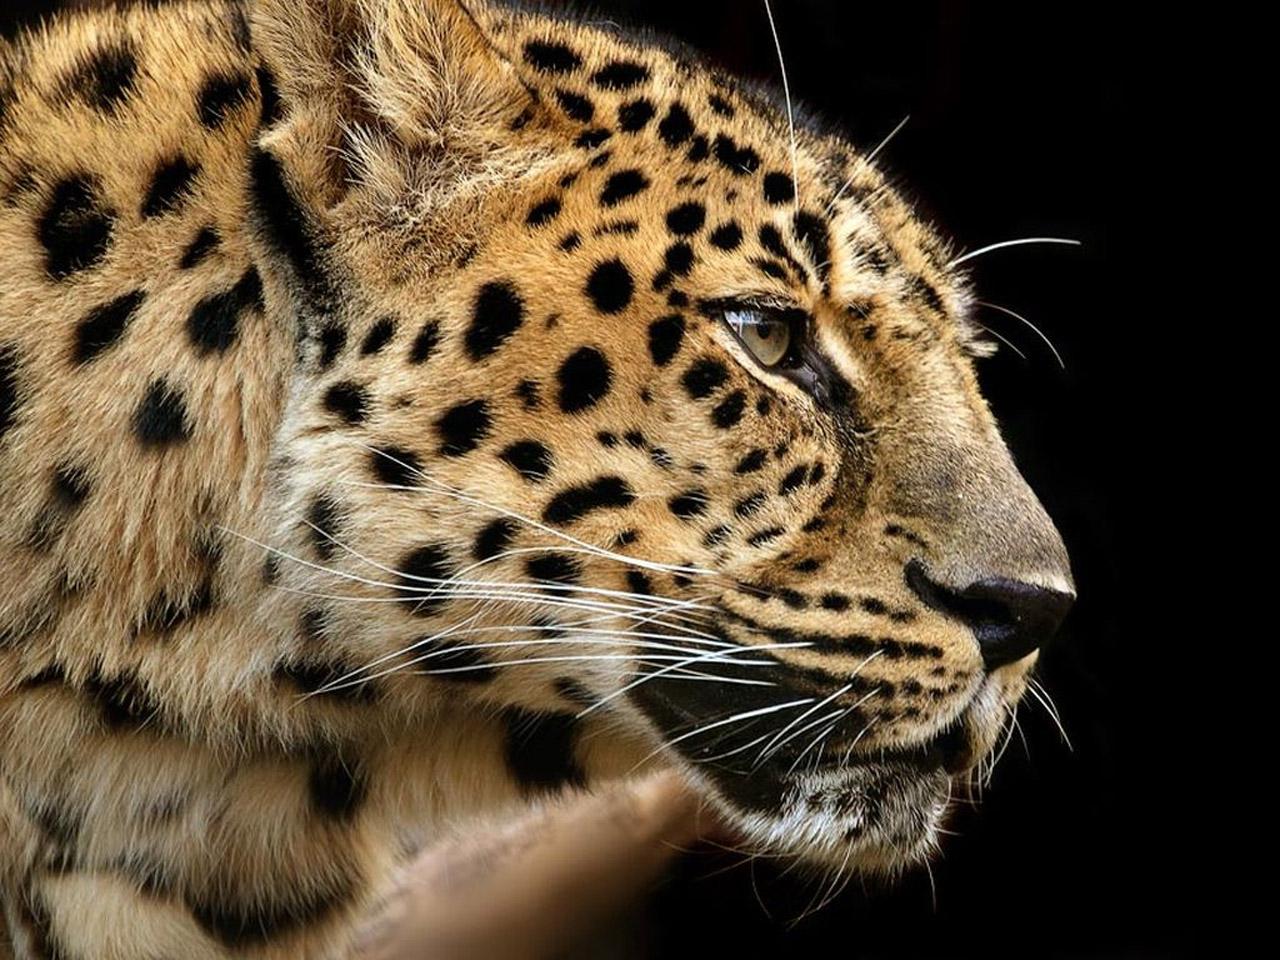 豹 豹子 壁纸 动物 桌面 1280_960